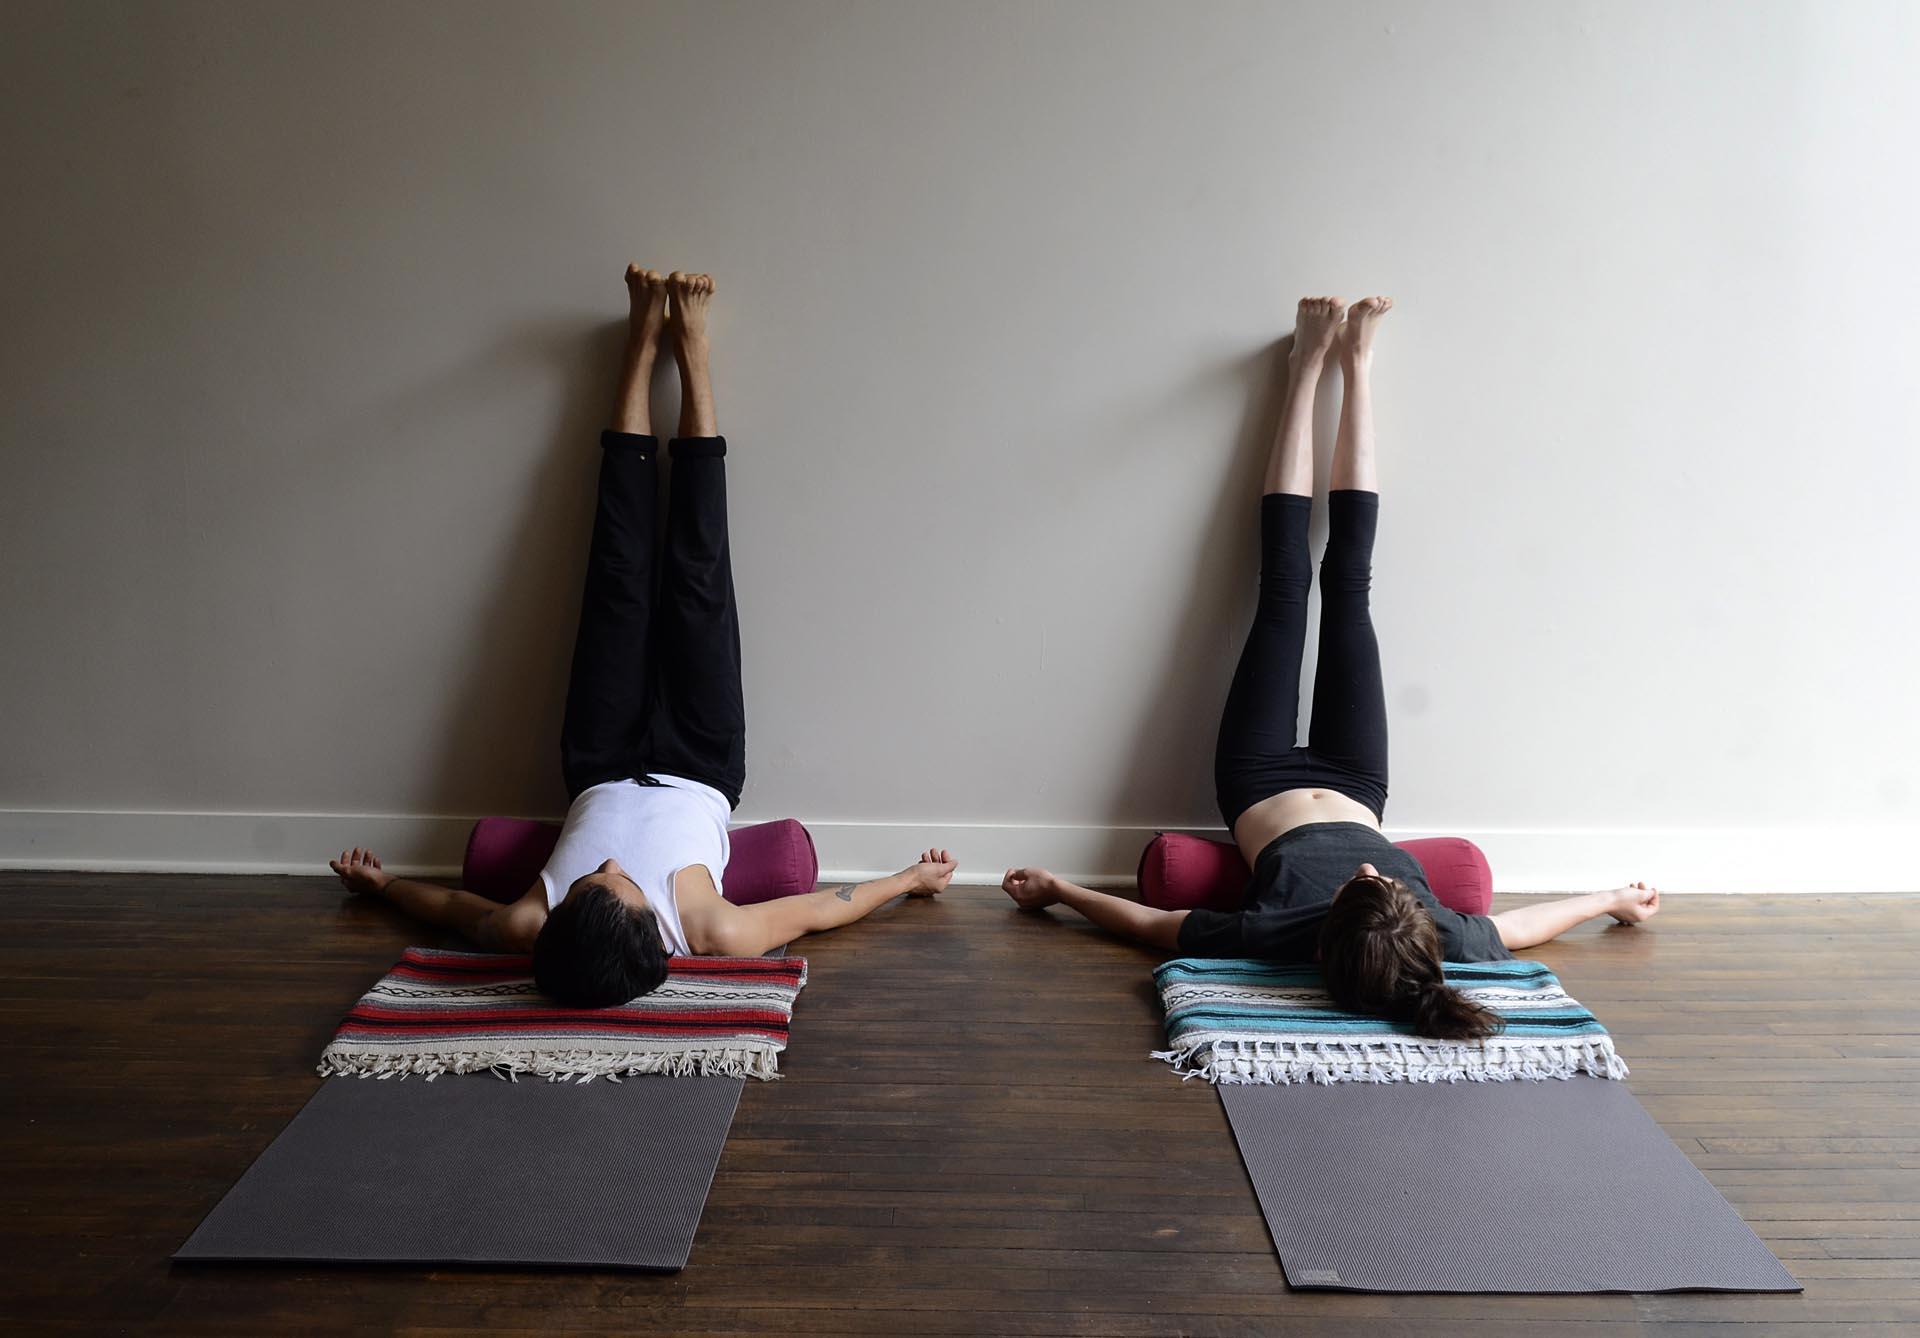 Tư thế Yoga nâng chân lên tường